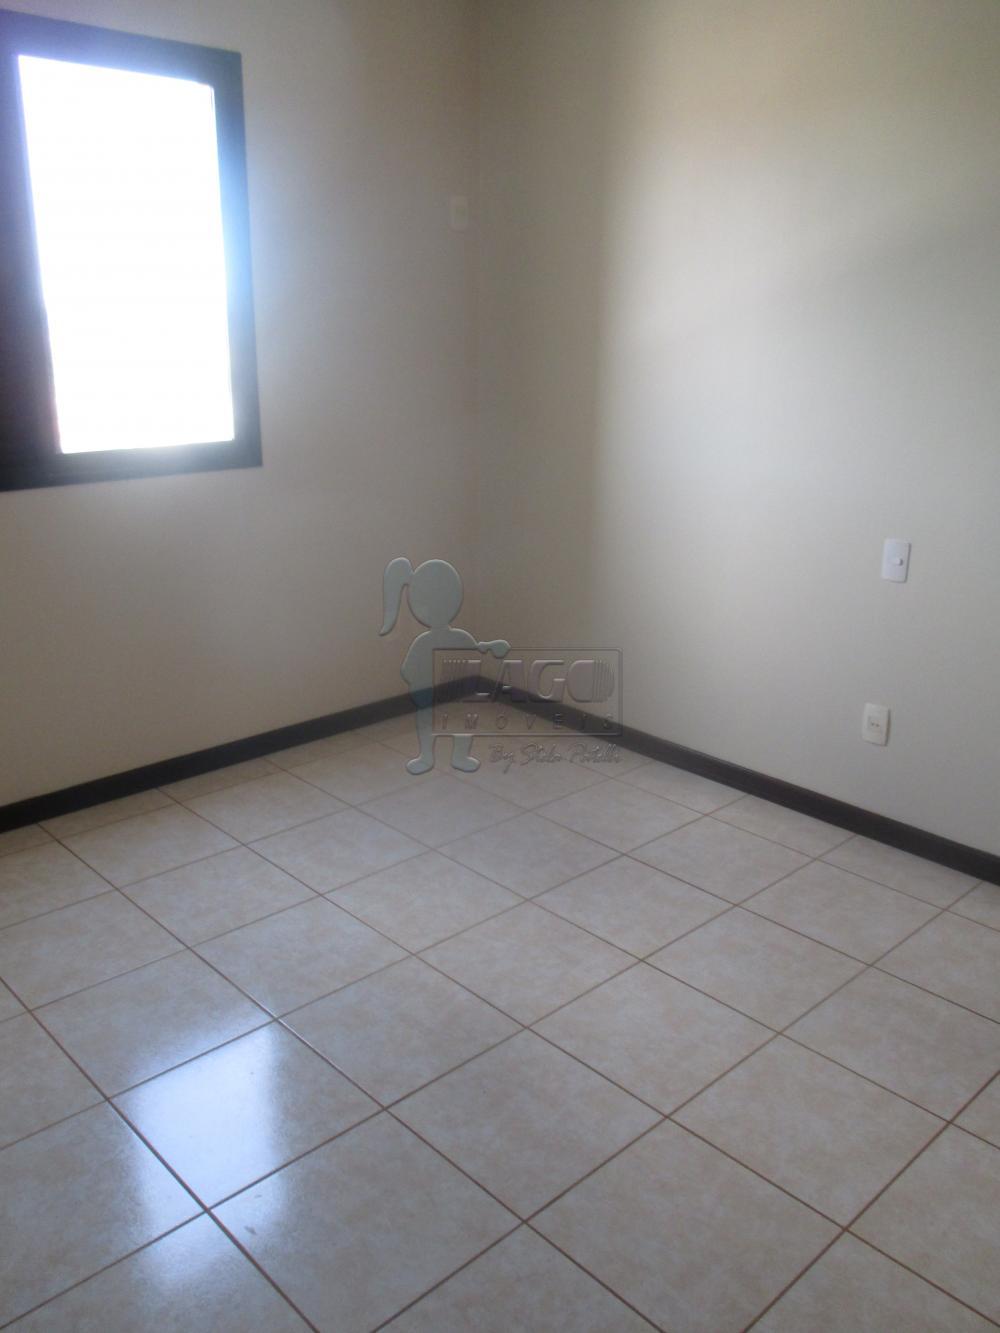 Alugar Apartamento / Padrão em Ribeirão Preto apenas R$ 2.300,00 - Foto 21